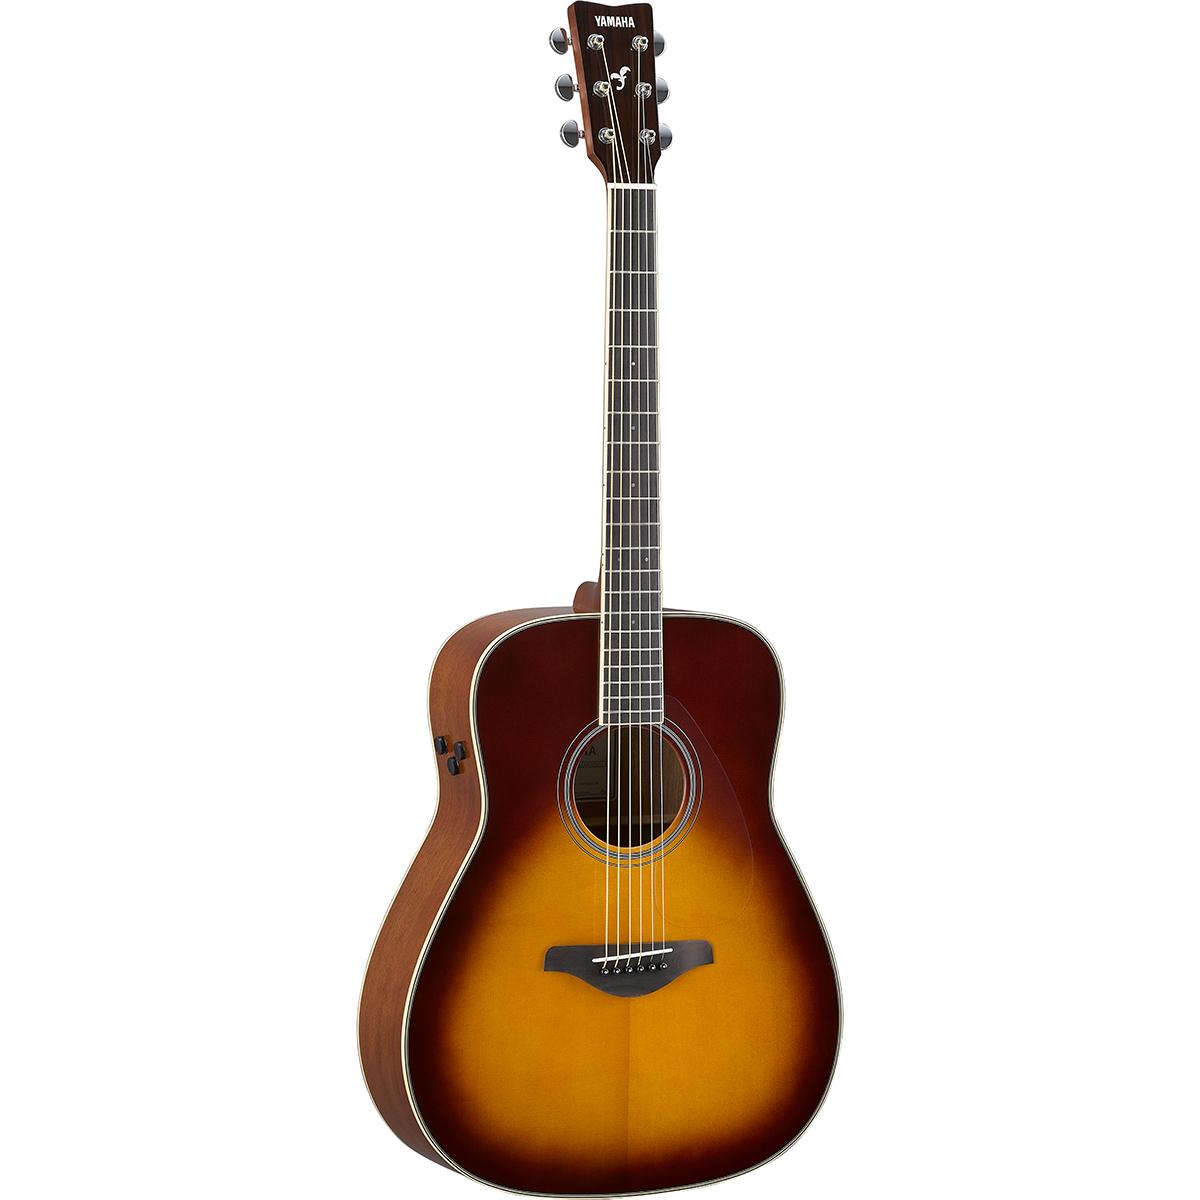 Yamaha - Guitare TransAcoustic™ FG-TA - Brown Sunburst Guitare électro-acoustique